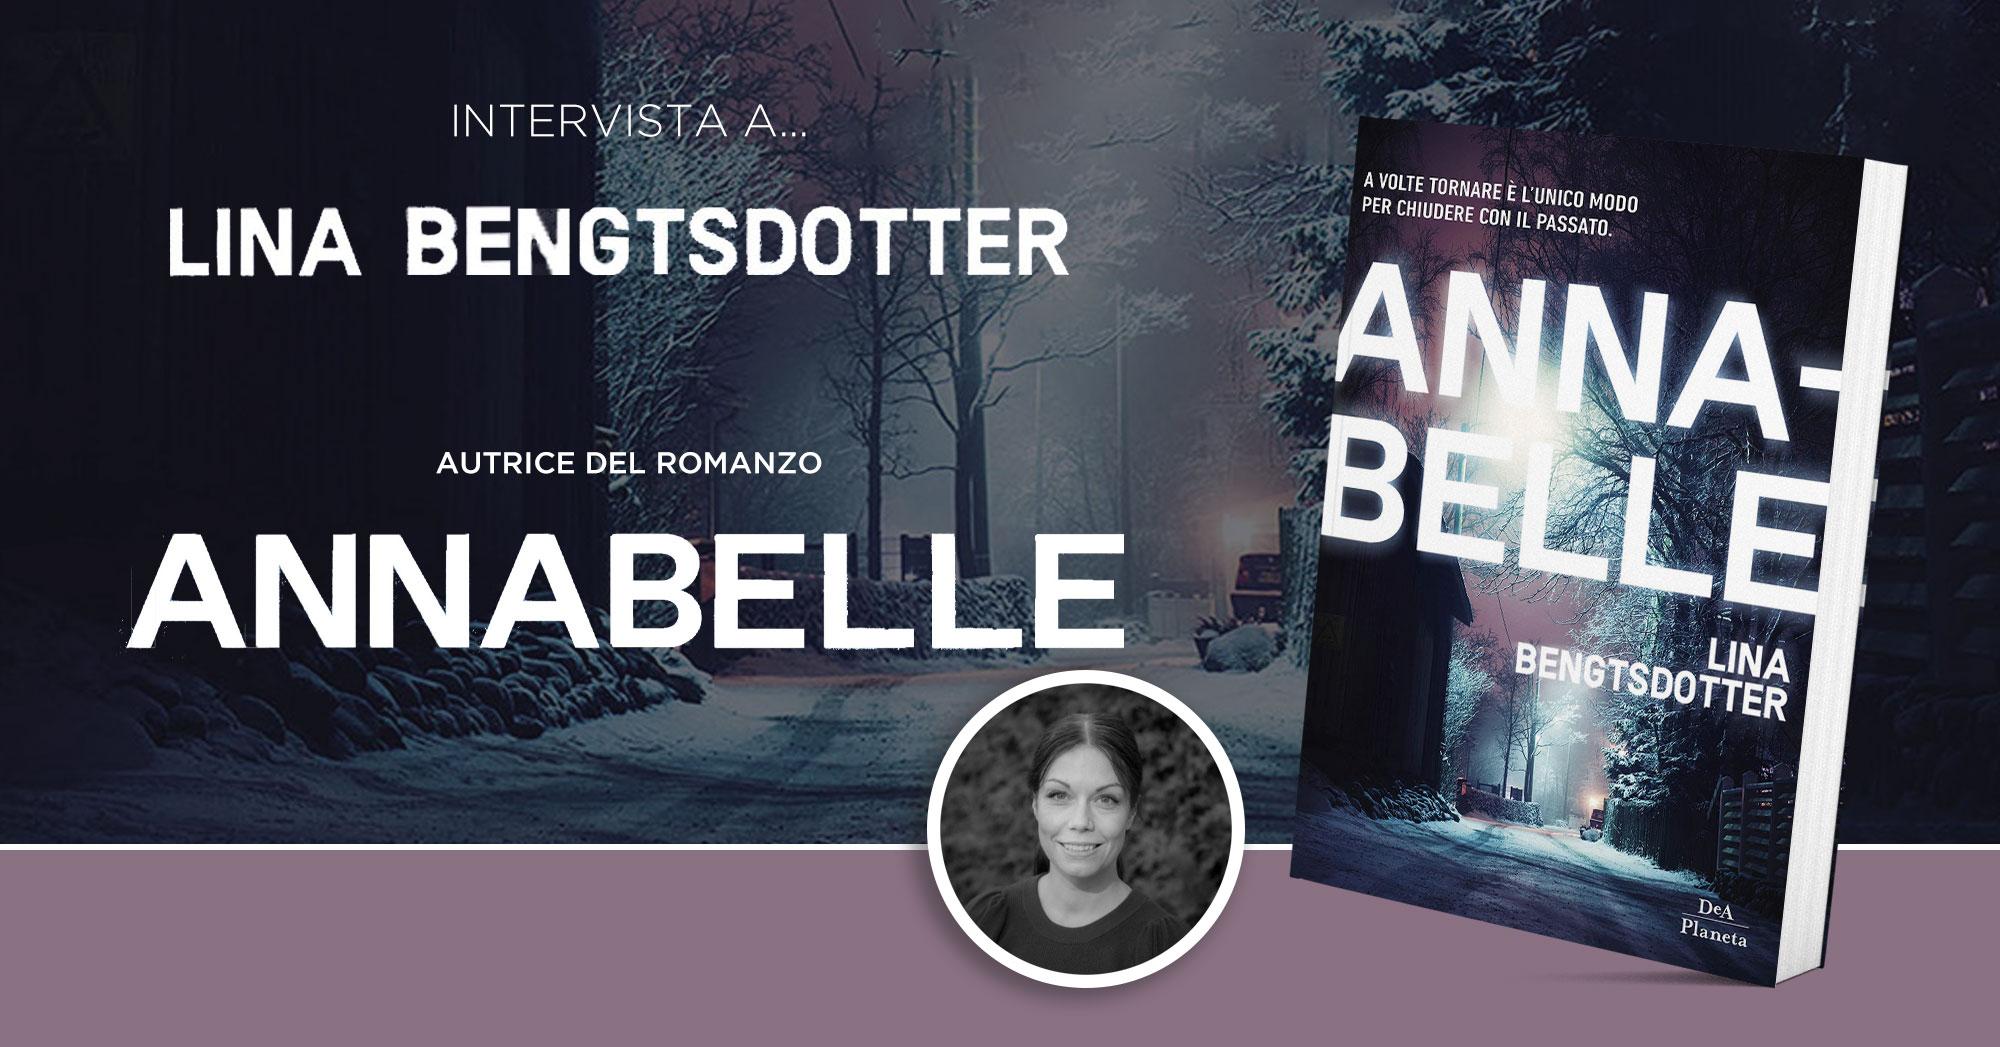 Intervista Annabelle